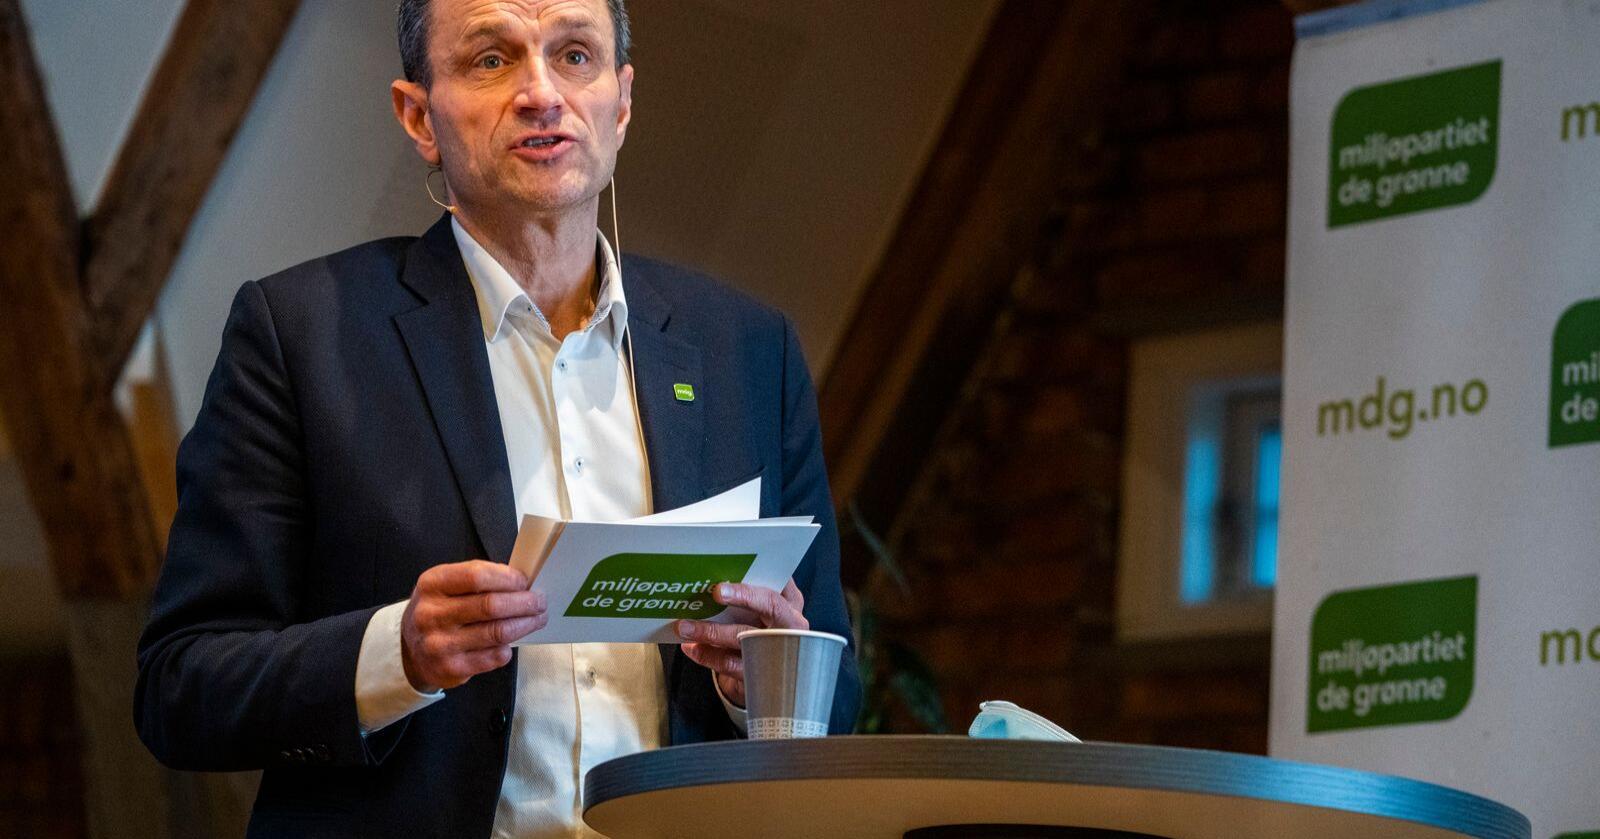 Storbymann: MDGs fungerende nestleder Arild Hermstad legger for stor vekt på nasjonale føringer, mener innsenderen.  Foto: Håkon Mosvold Larsen / NTB